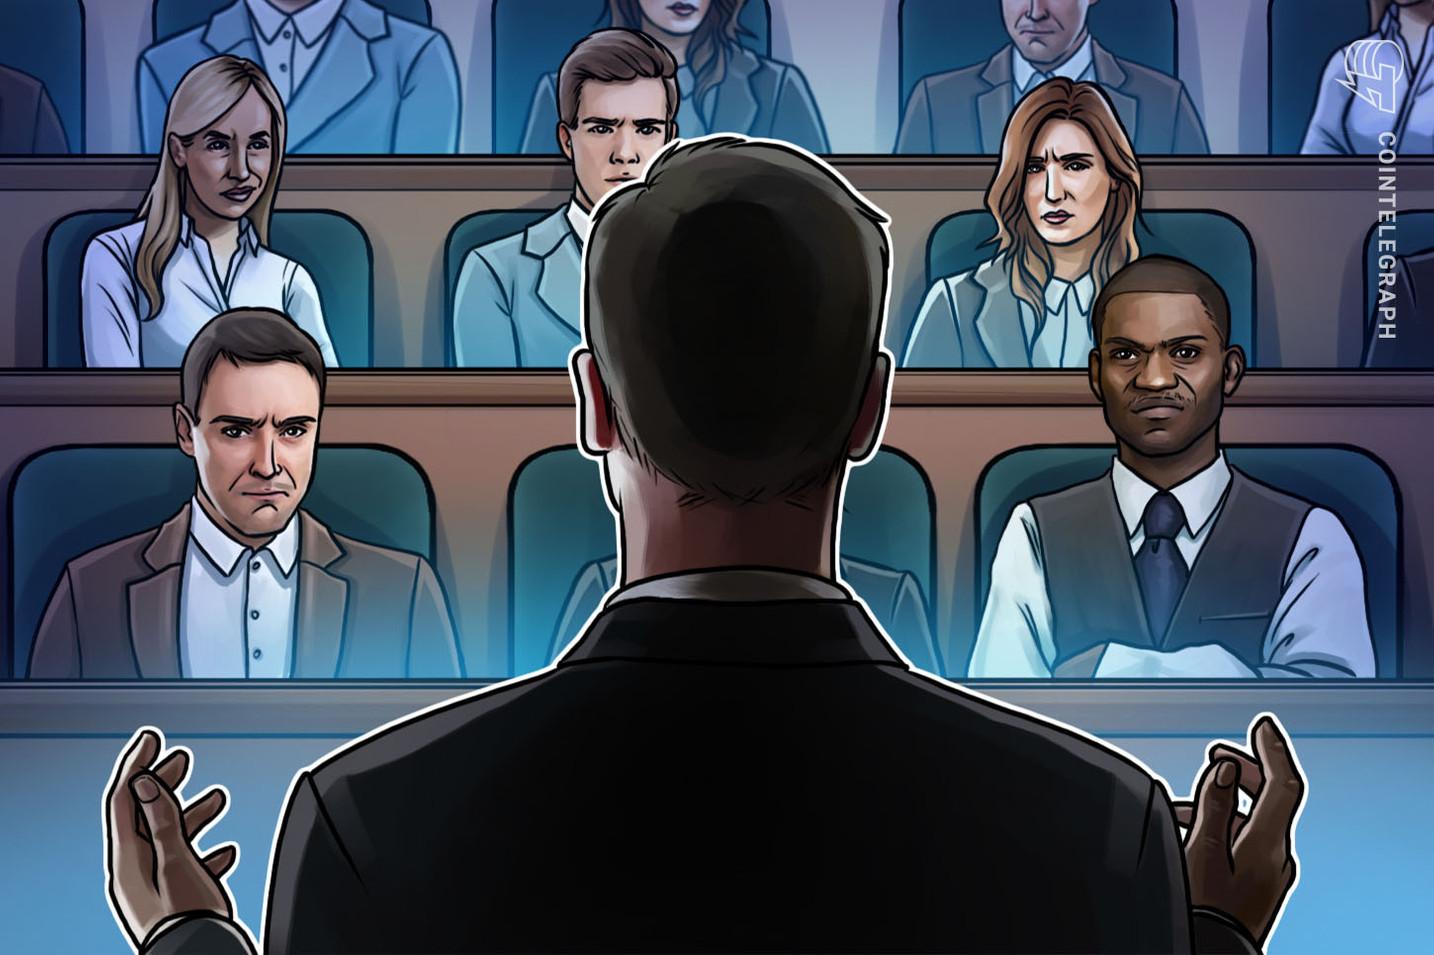 """XRP ist ein """"Haufen Scheiße"""" – Bitstamp entschuldigt sich für Messari-Bericht"""